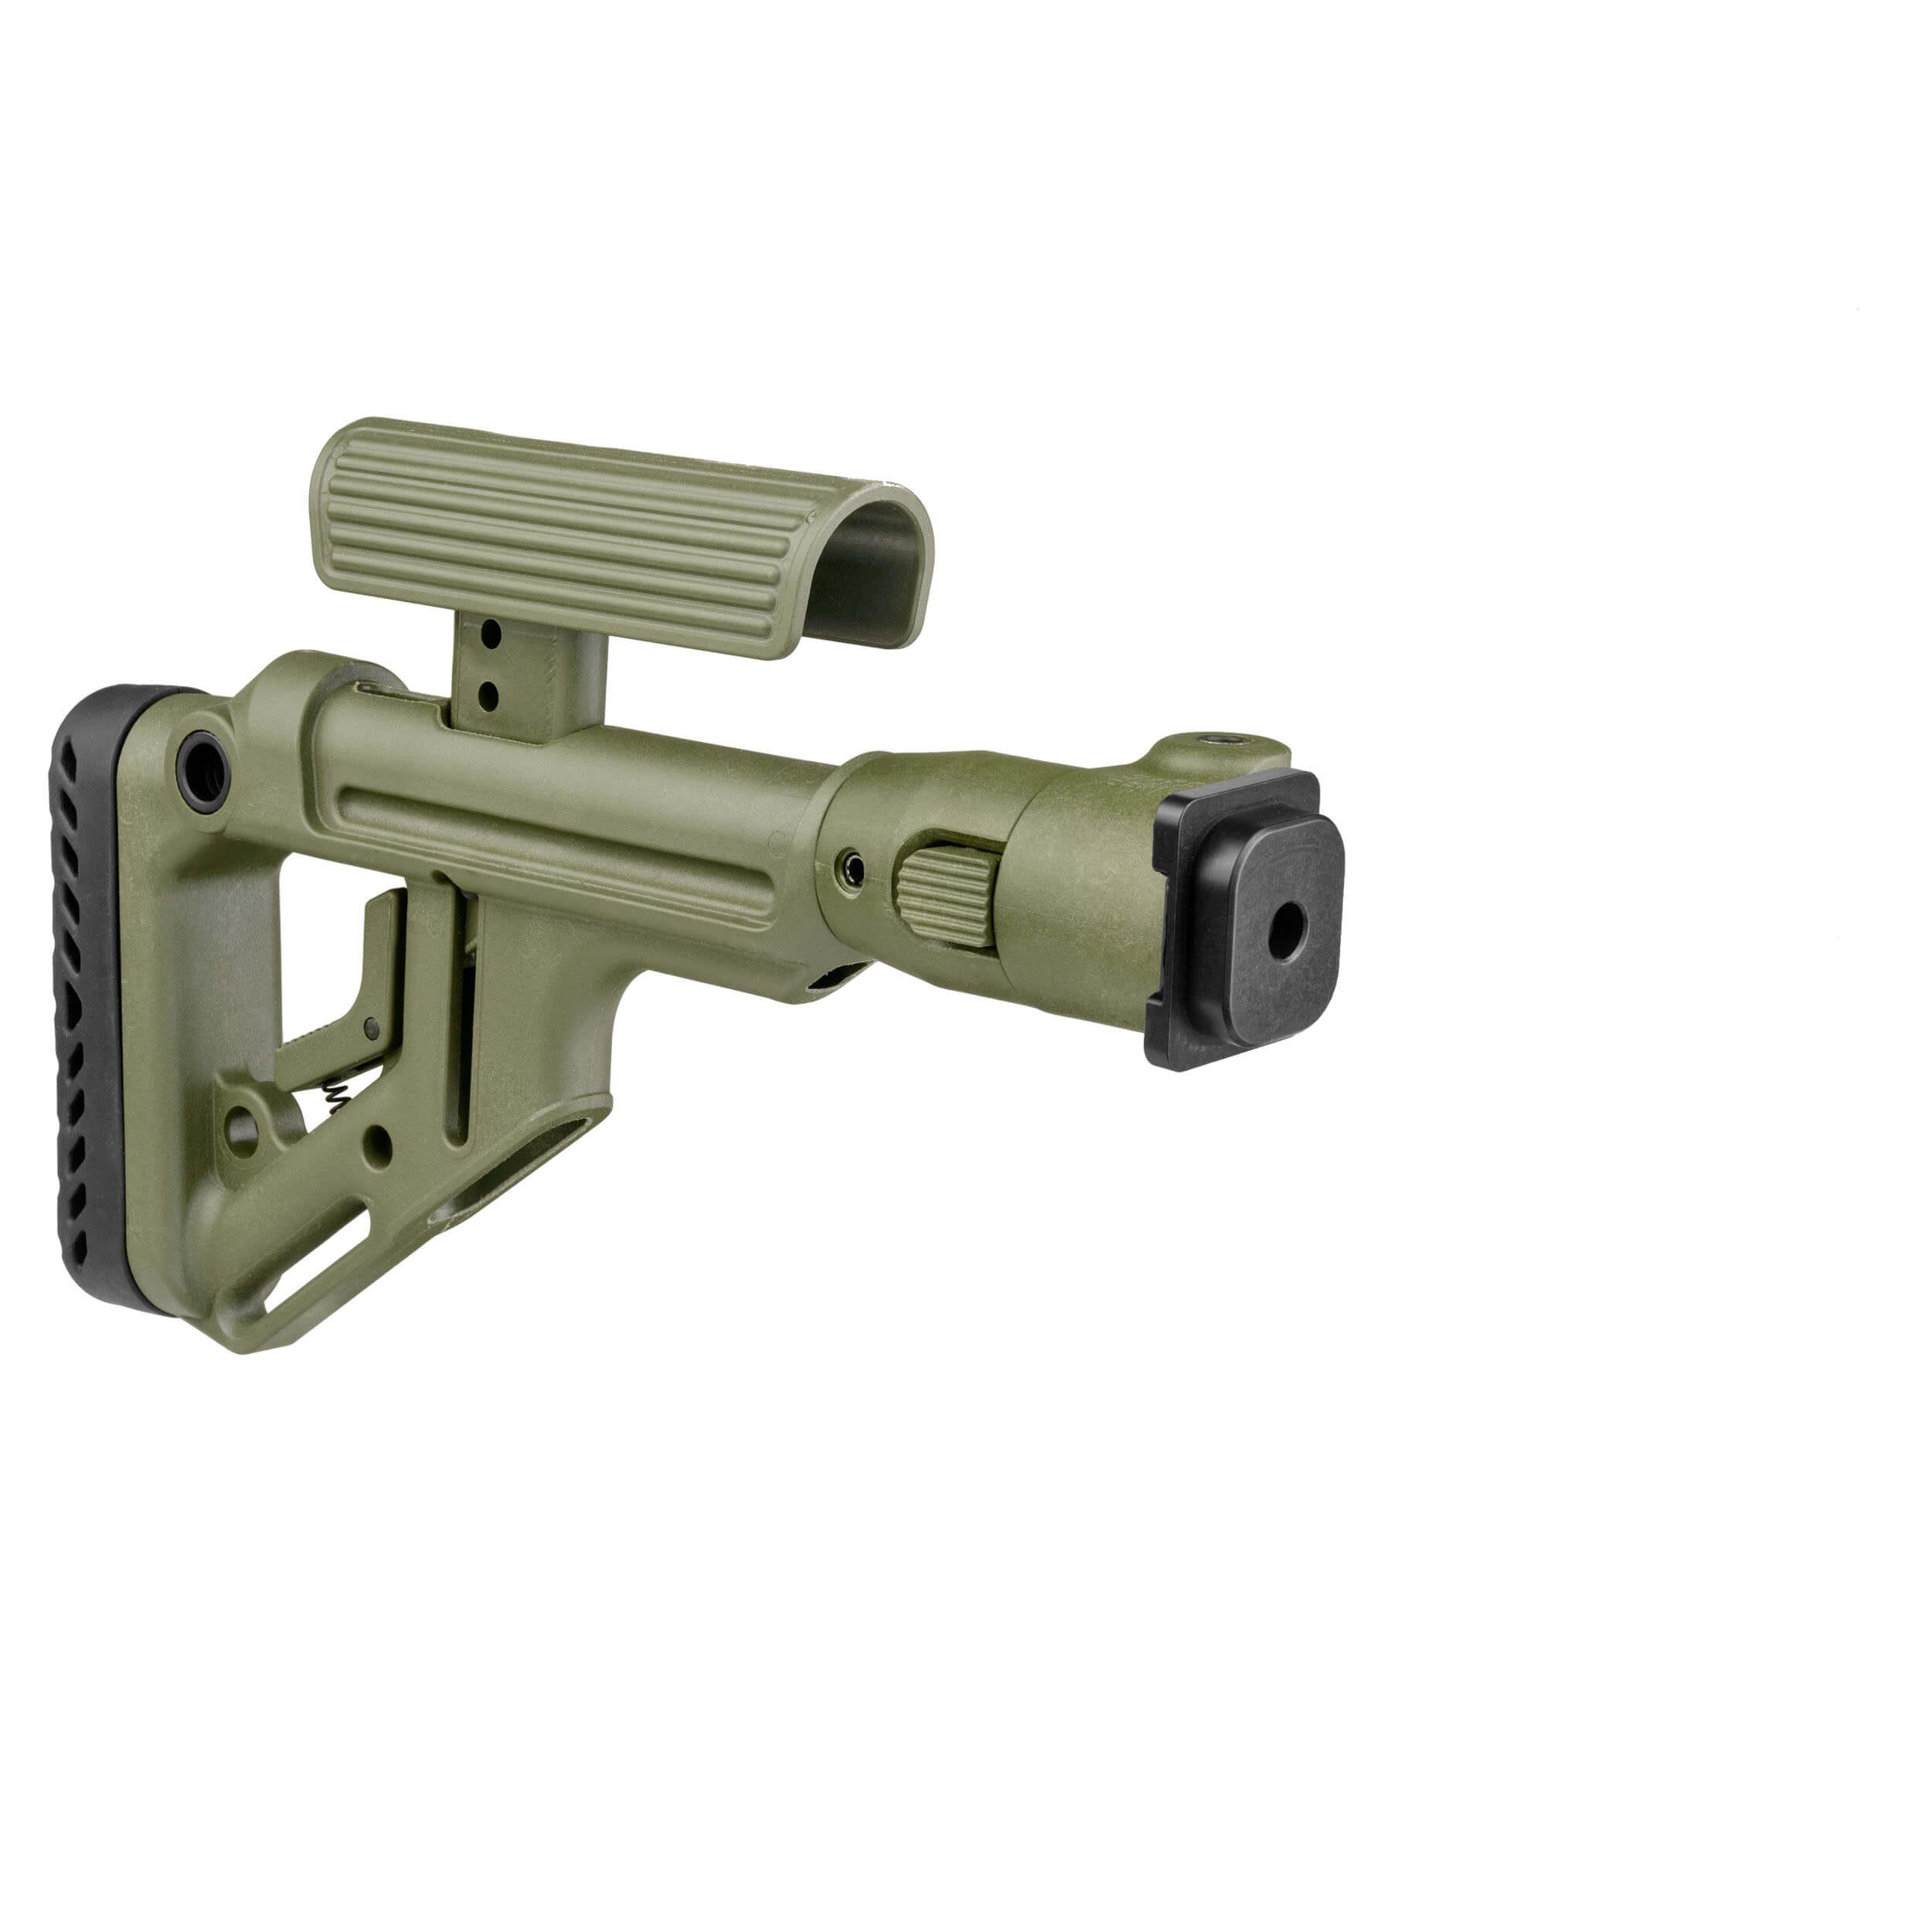 Zastava M70 B1, B3 / M77 B1 folding buttstock / cheek rest